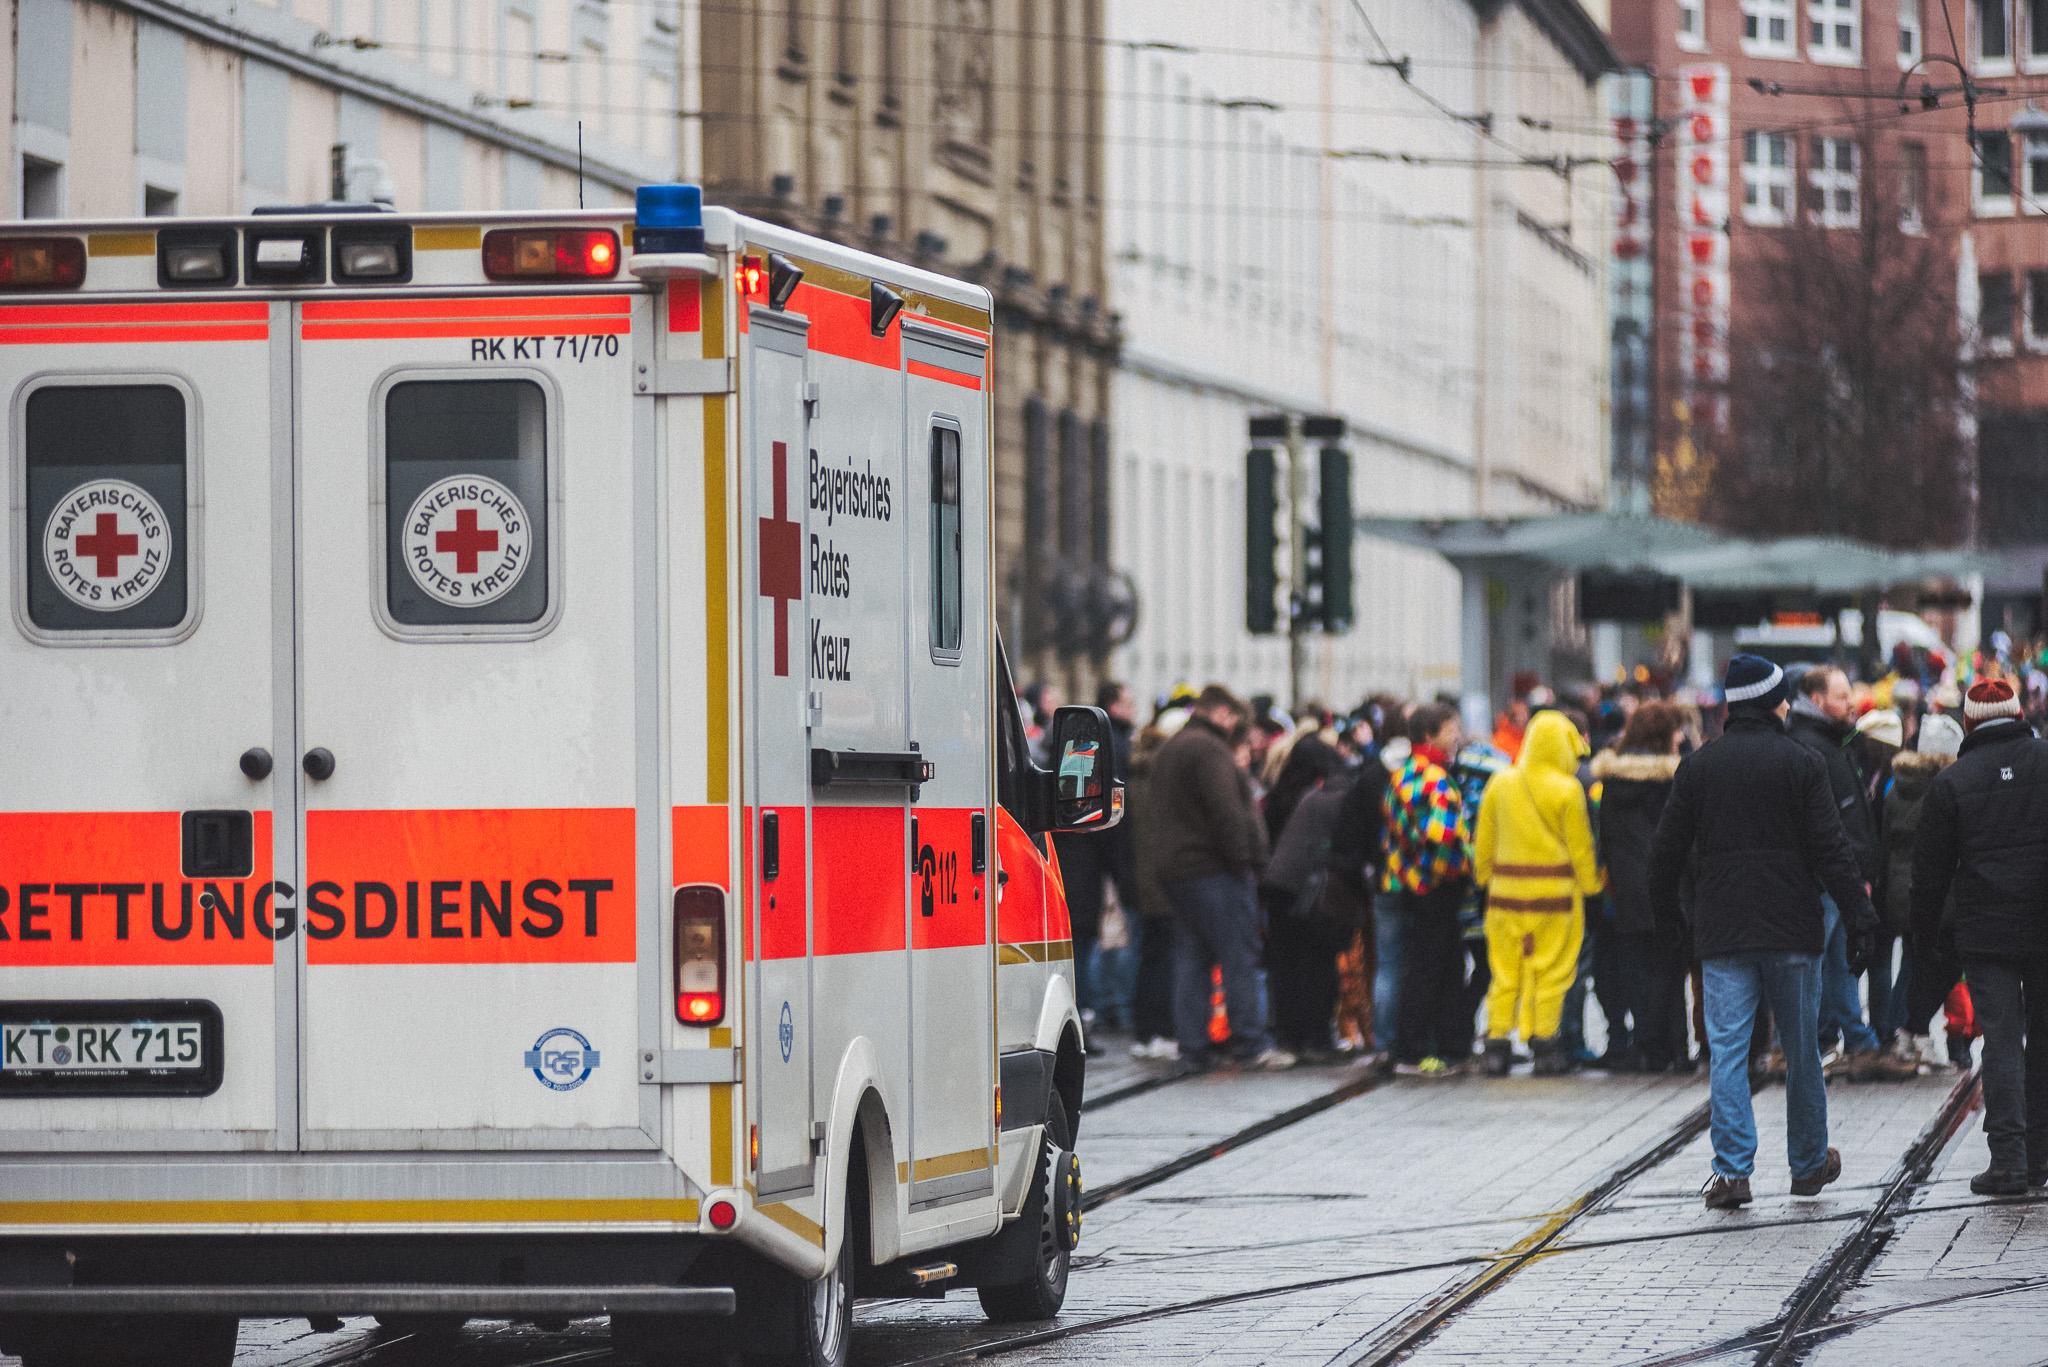 Die Malteser, Johanniter sowie das BRK Kitzingen hatten mit Fahrzeugen und Einsatzkräften ihre Kollegen vom BRK Würzburg unterstützt. Foto: Pascal Höfig